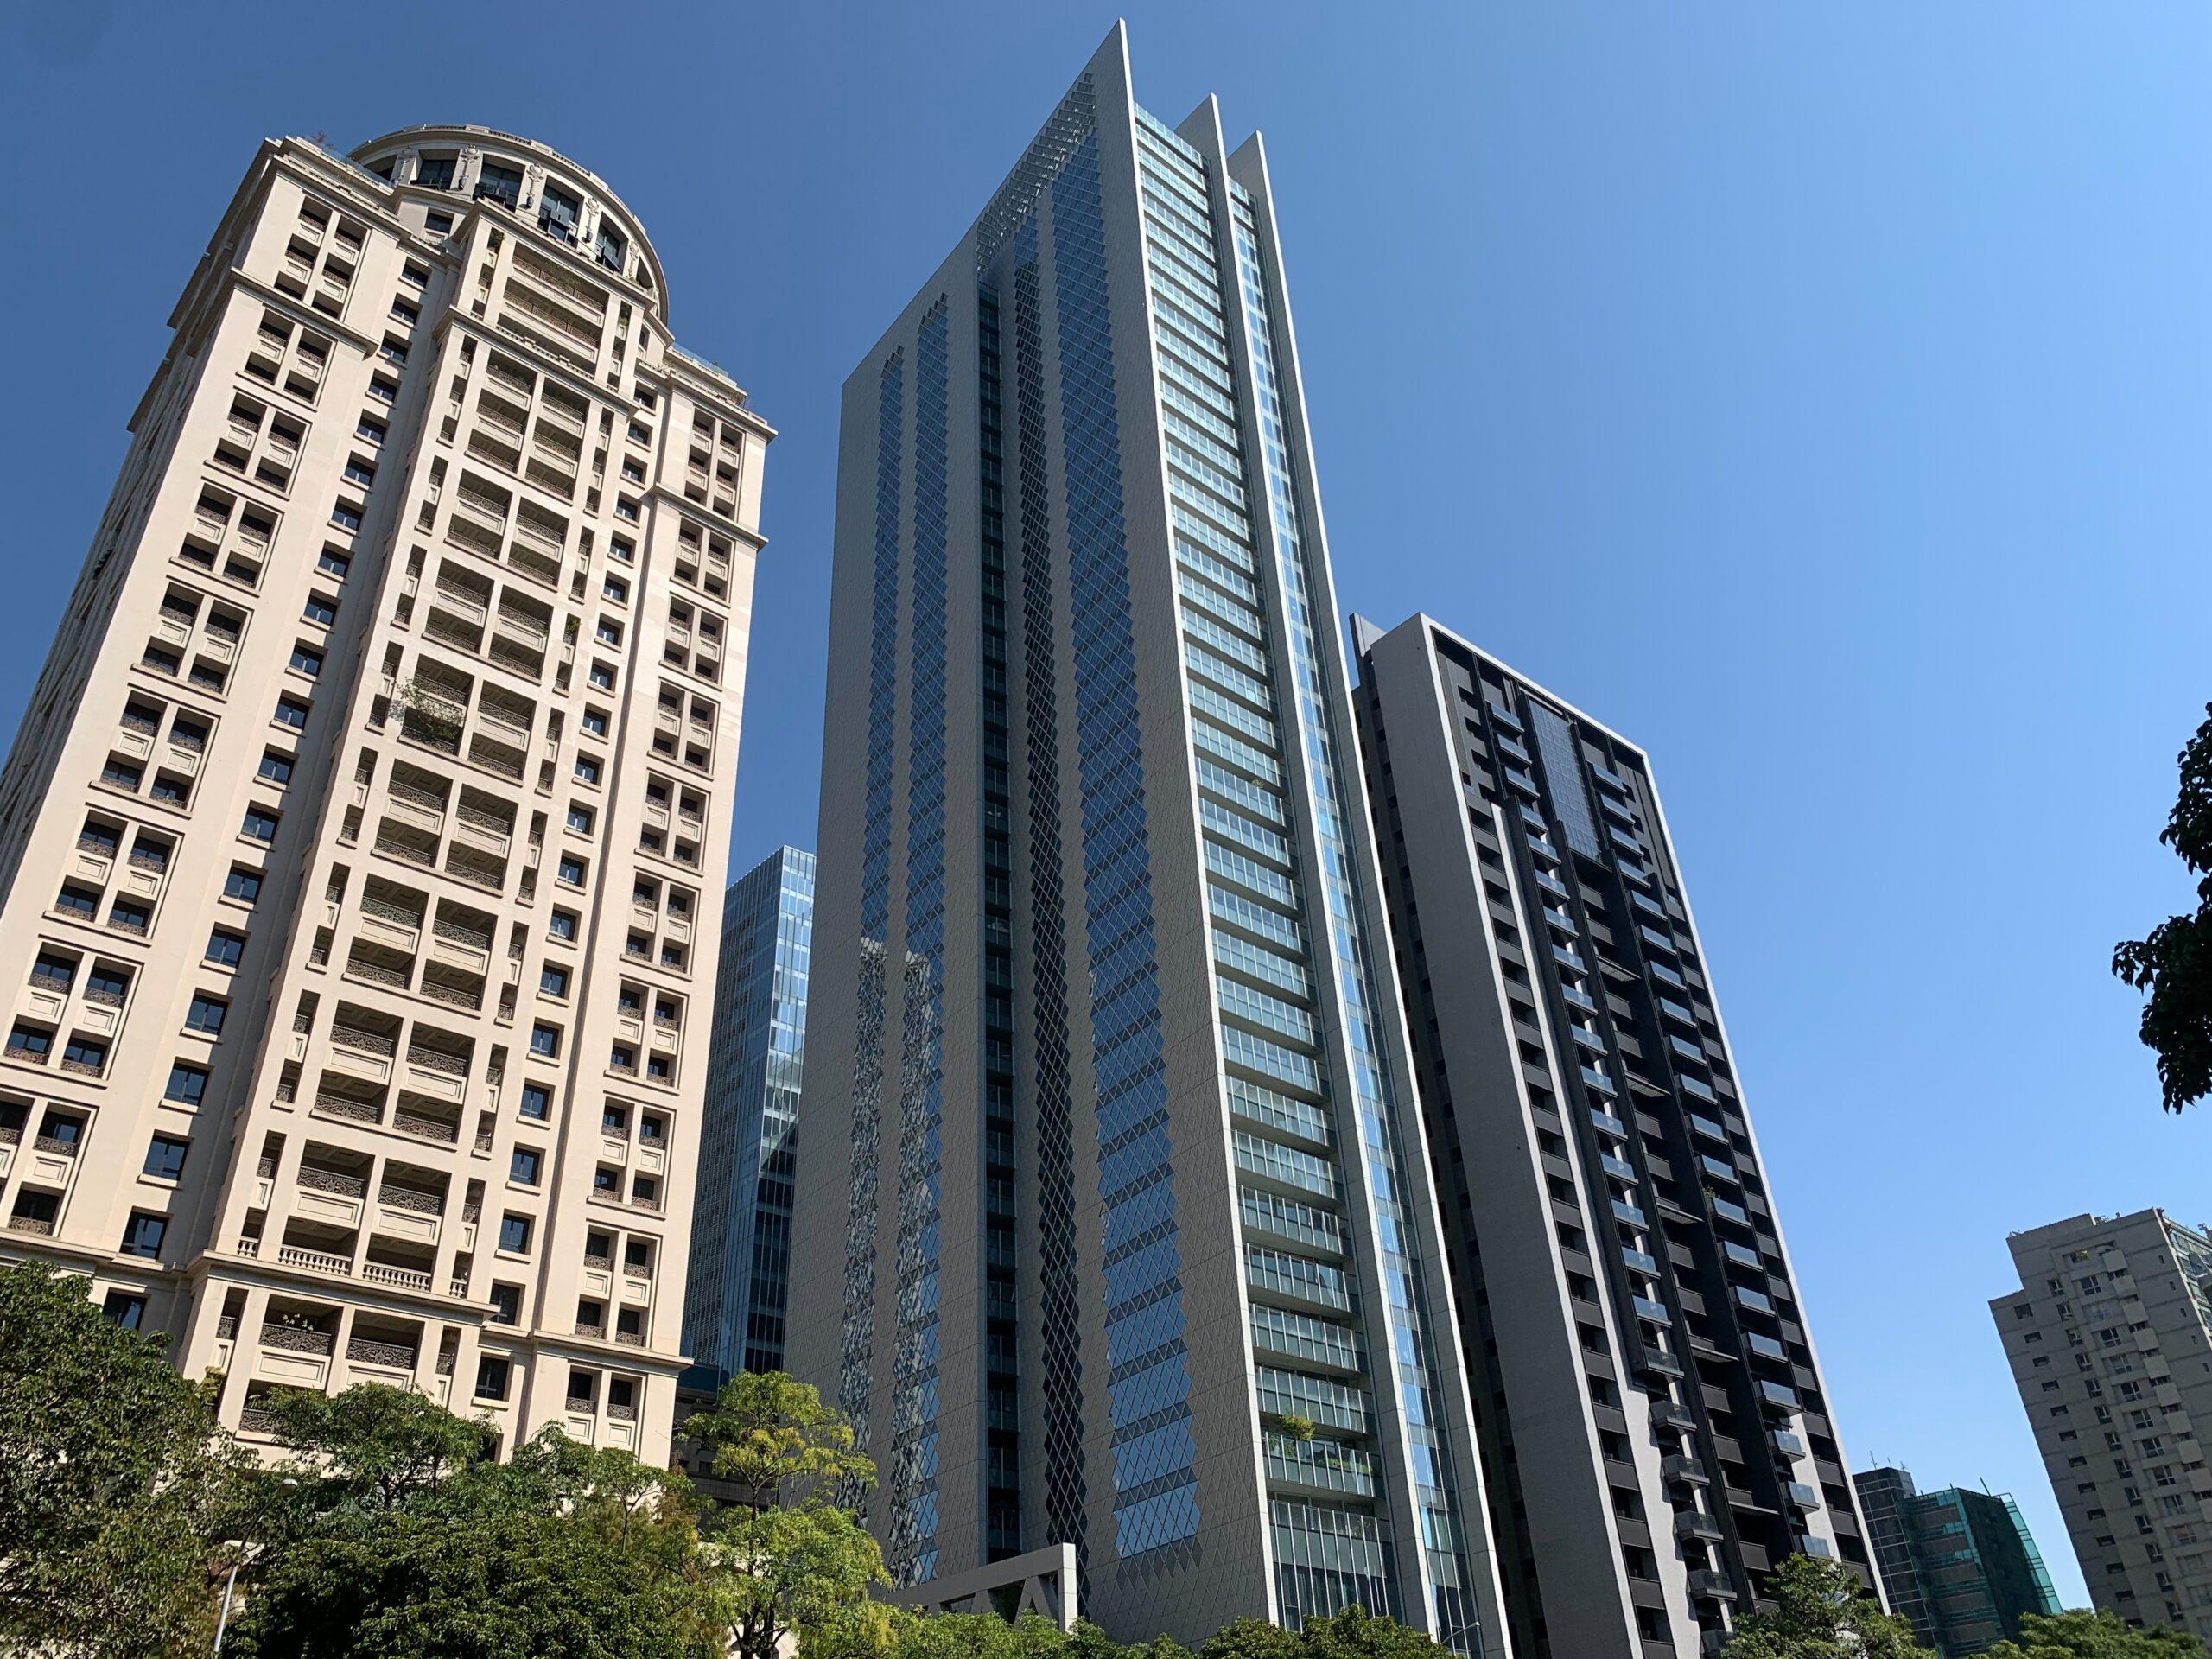 台中建築美學10年內跳躍式升級 當代美學建築最高均價前三名